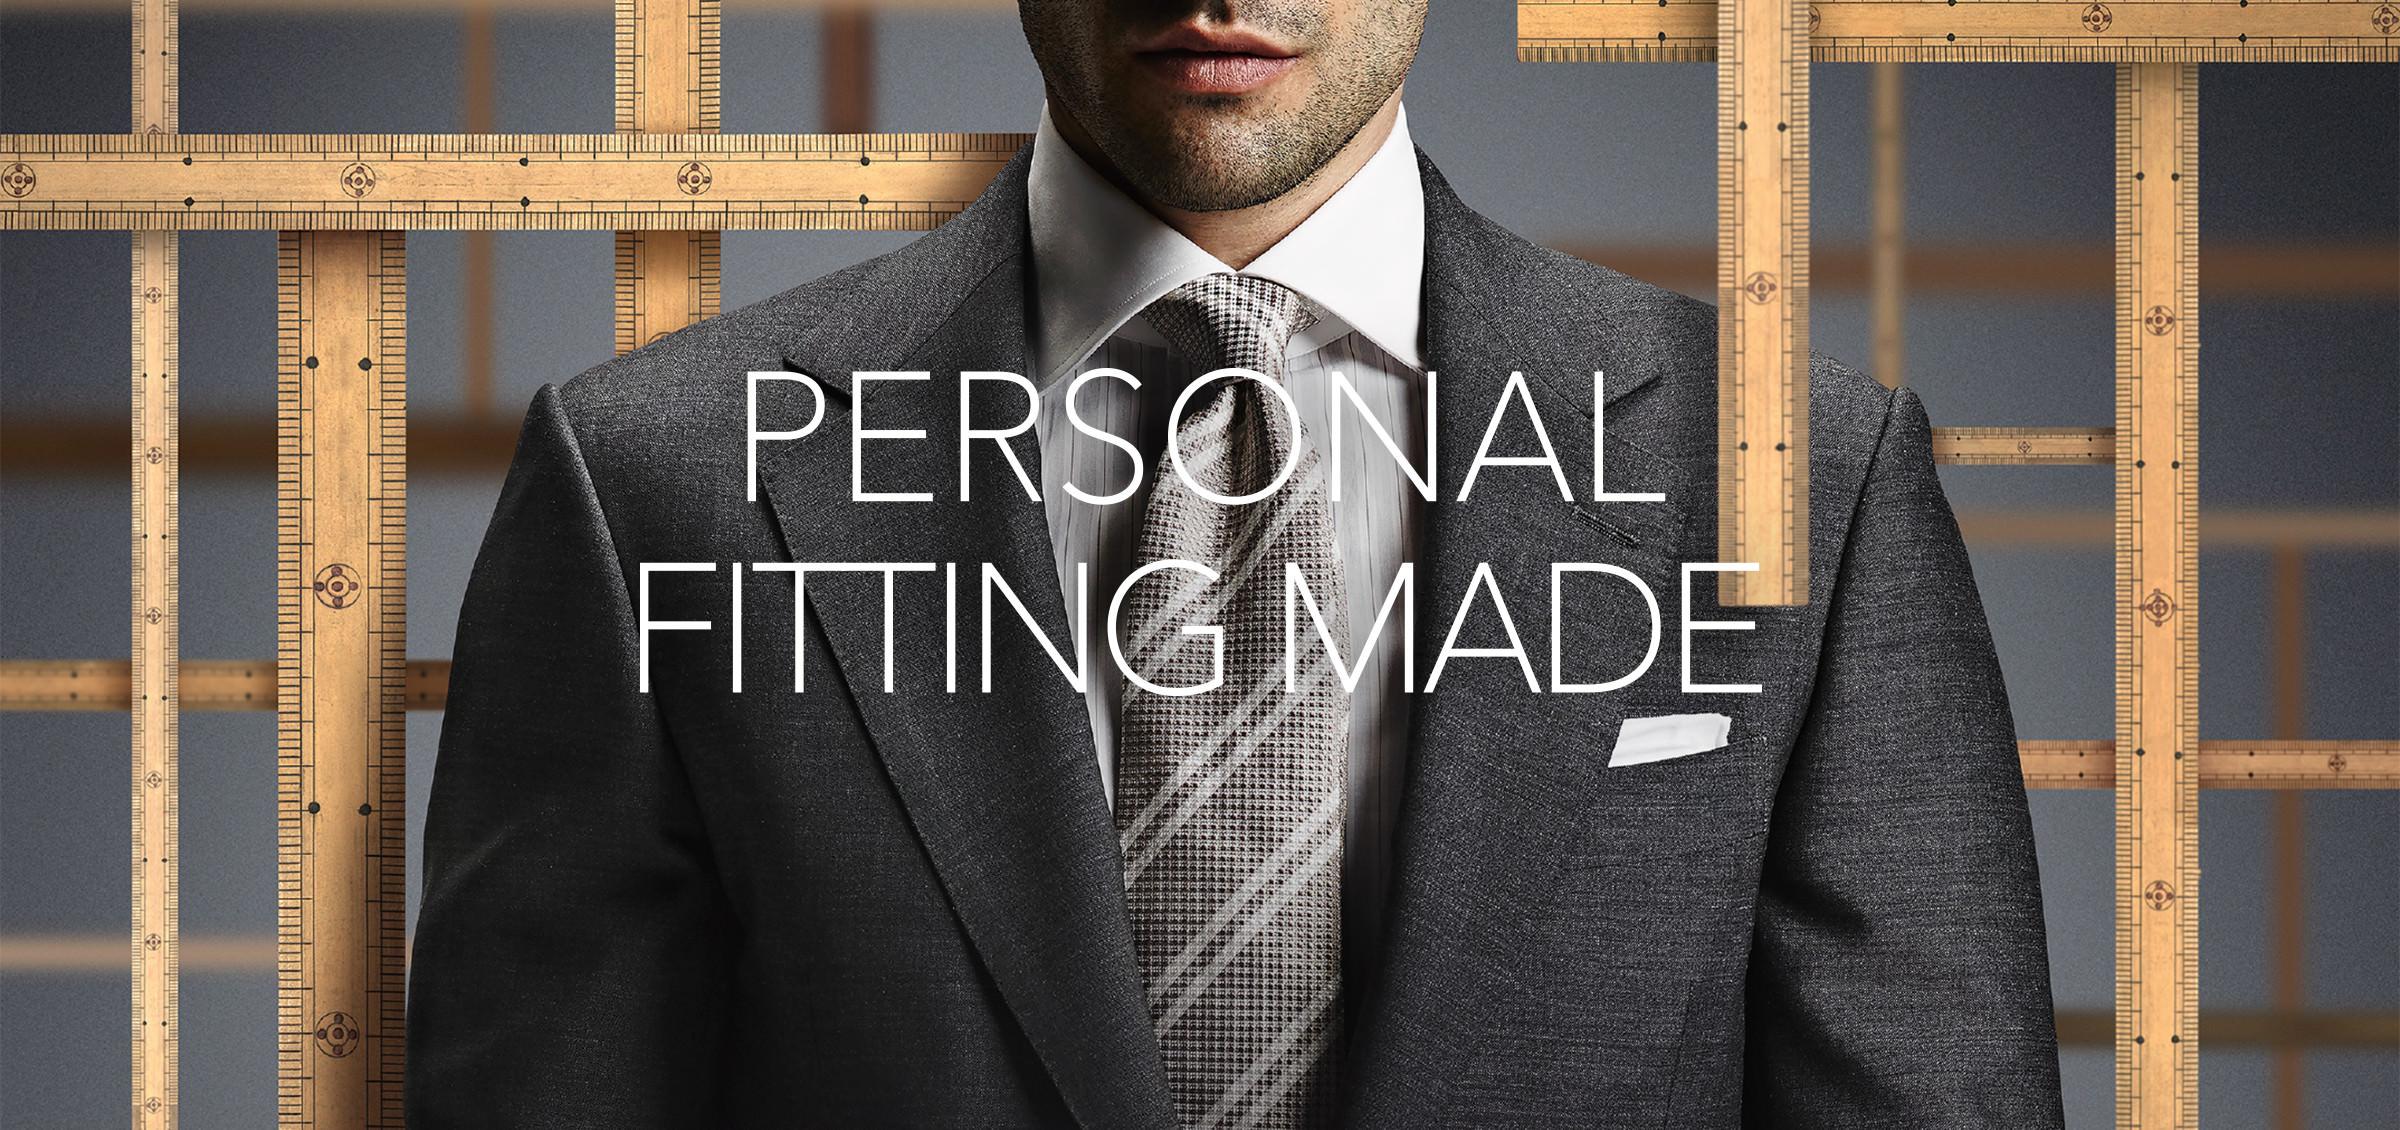 5fdf001348154 日本のスーツメーカーを語る上で外せないブランド。日本らしい繊細な仕立てで、独自のスタイルを確立しています。